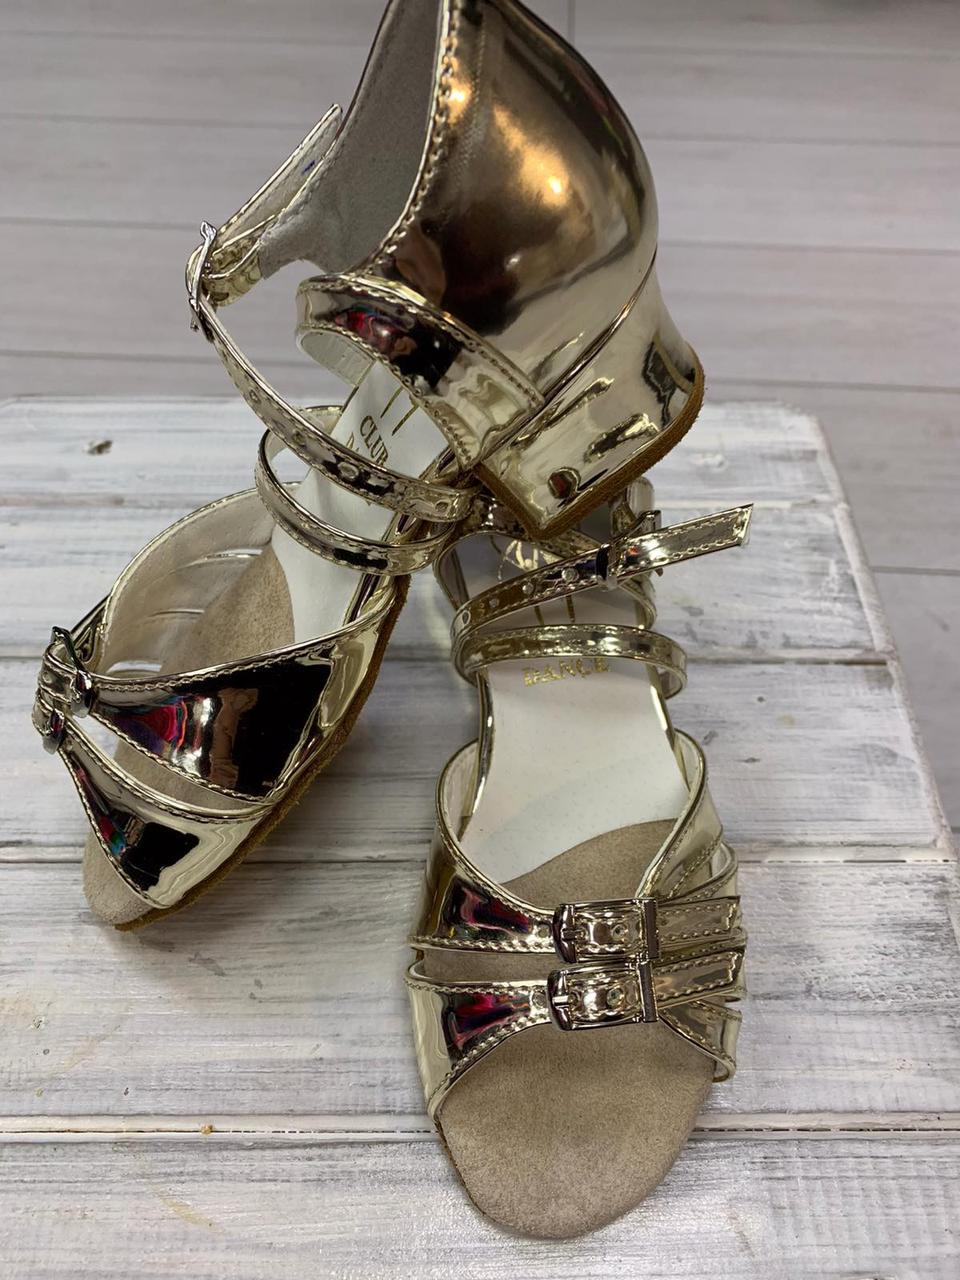 Спортивно бальна взуття, туфлі для дівчаток Б-2, золоті